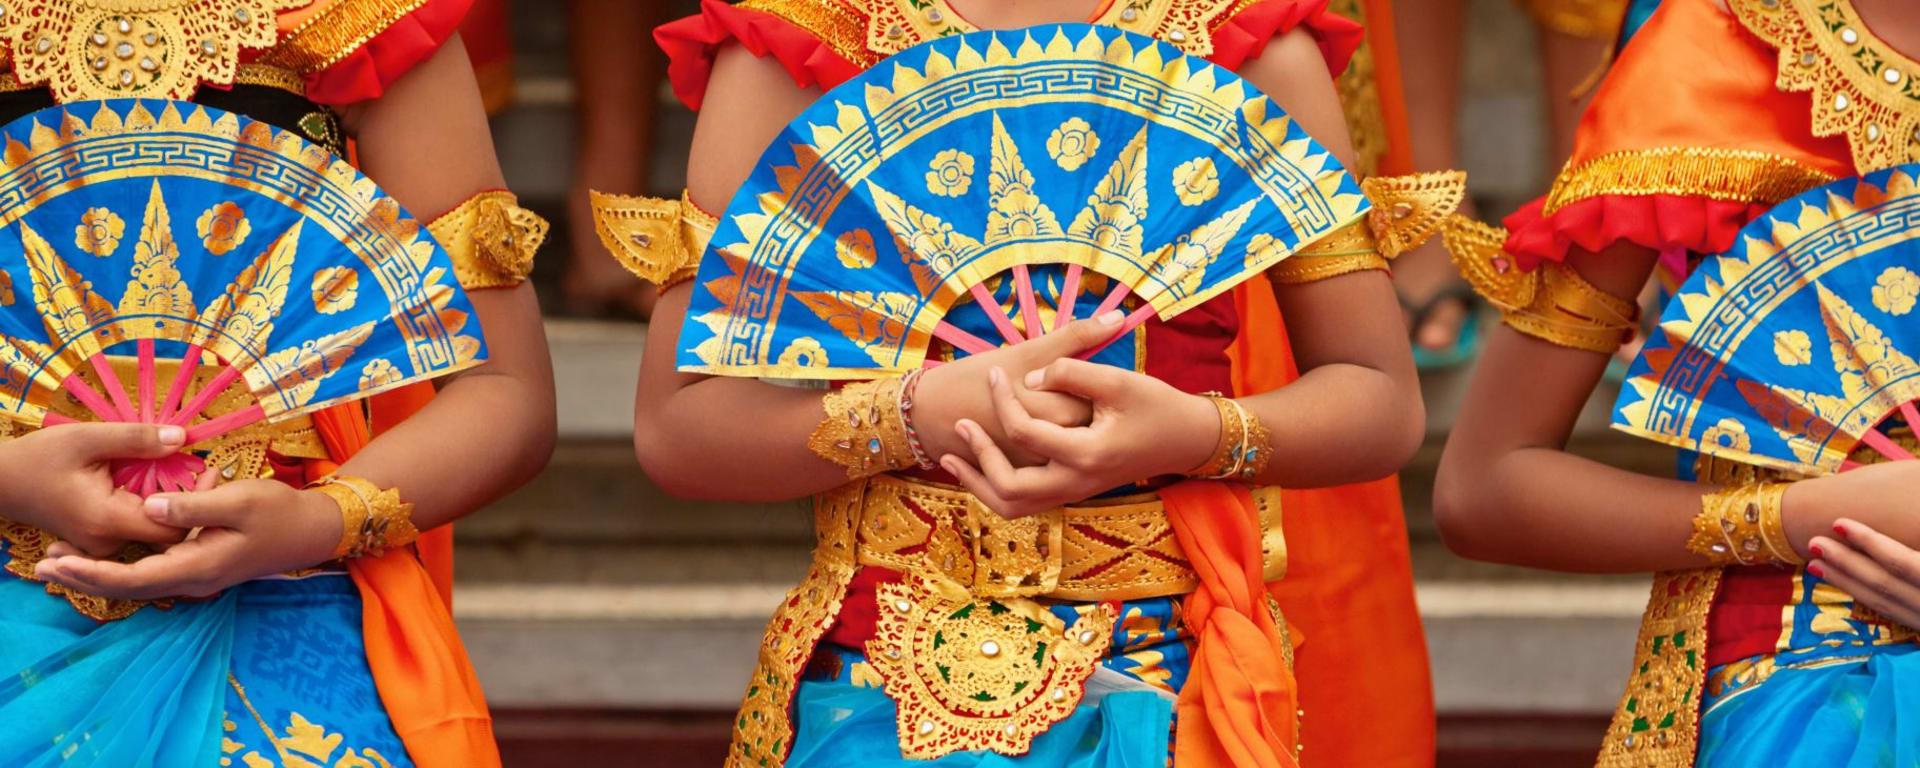 Wissenswertes zu Indonesien Reisen und Ferien: Bali - traditional Legong Dance